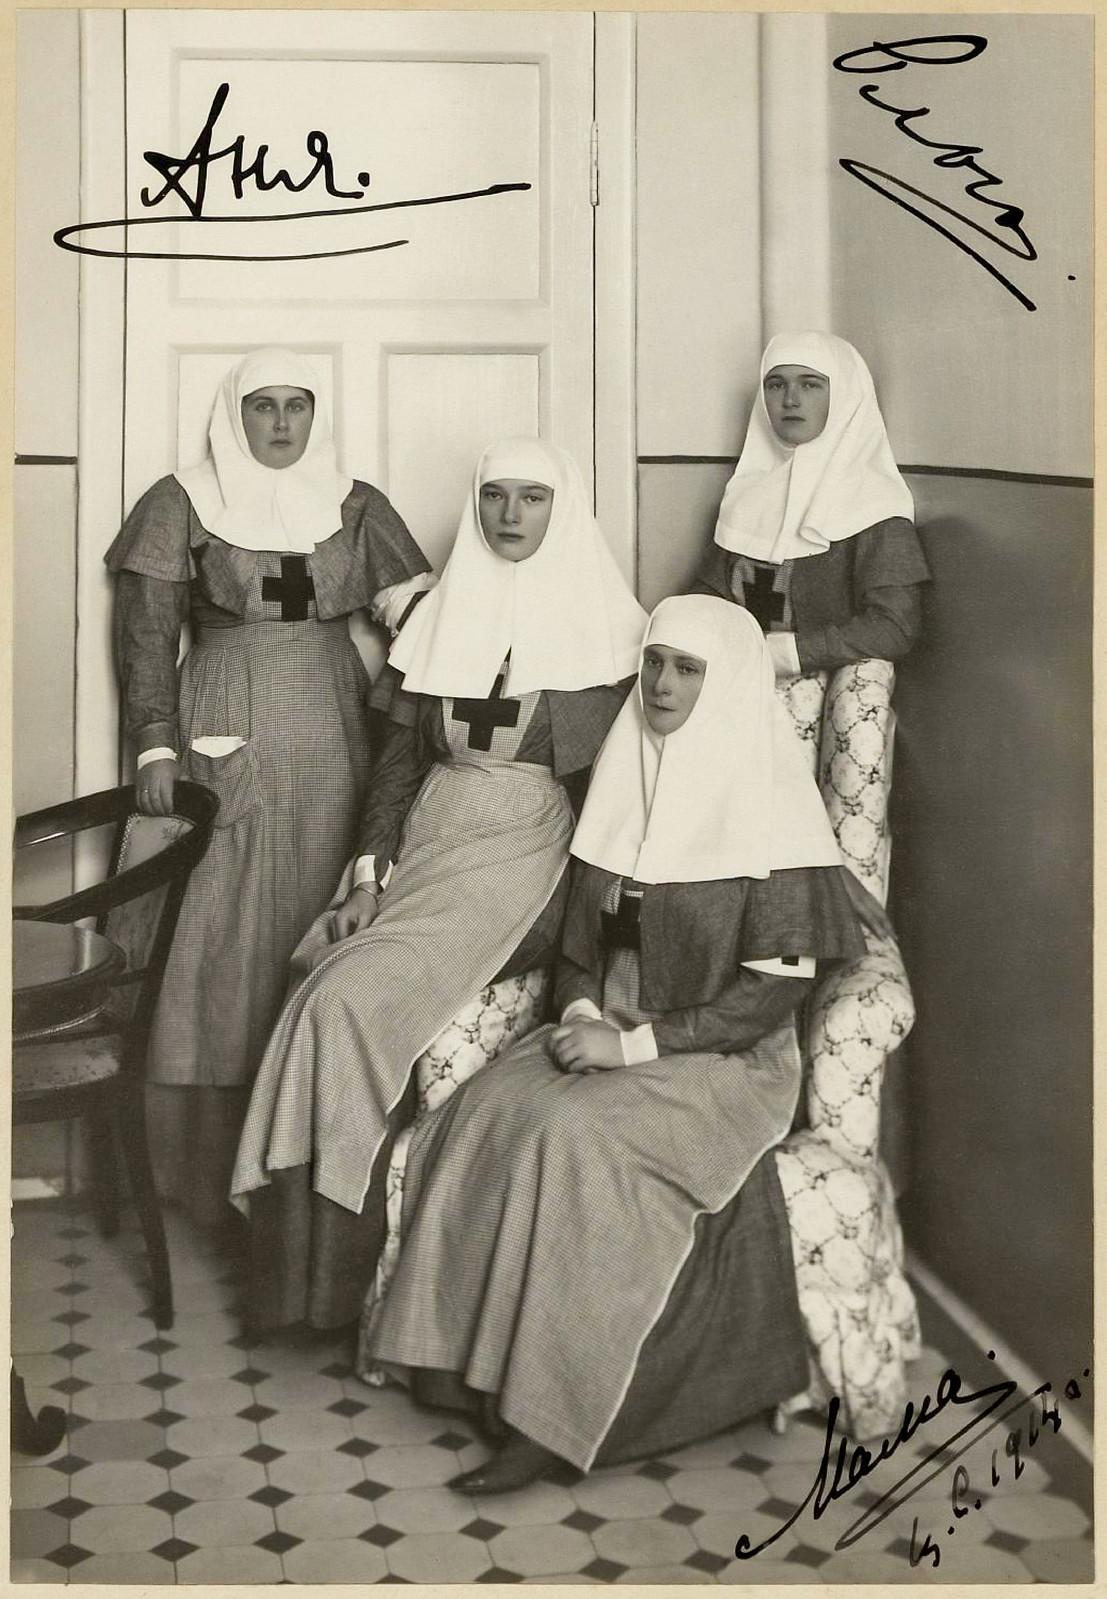 empress-alexandra-feodorovna-grand-duchesses-olga-and-tatiana-with-anna-alexandrovna-vyrubova1914_44028307430_o